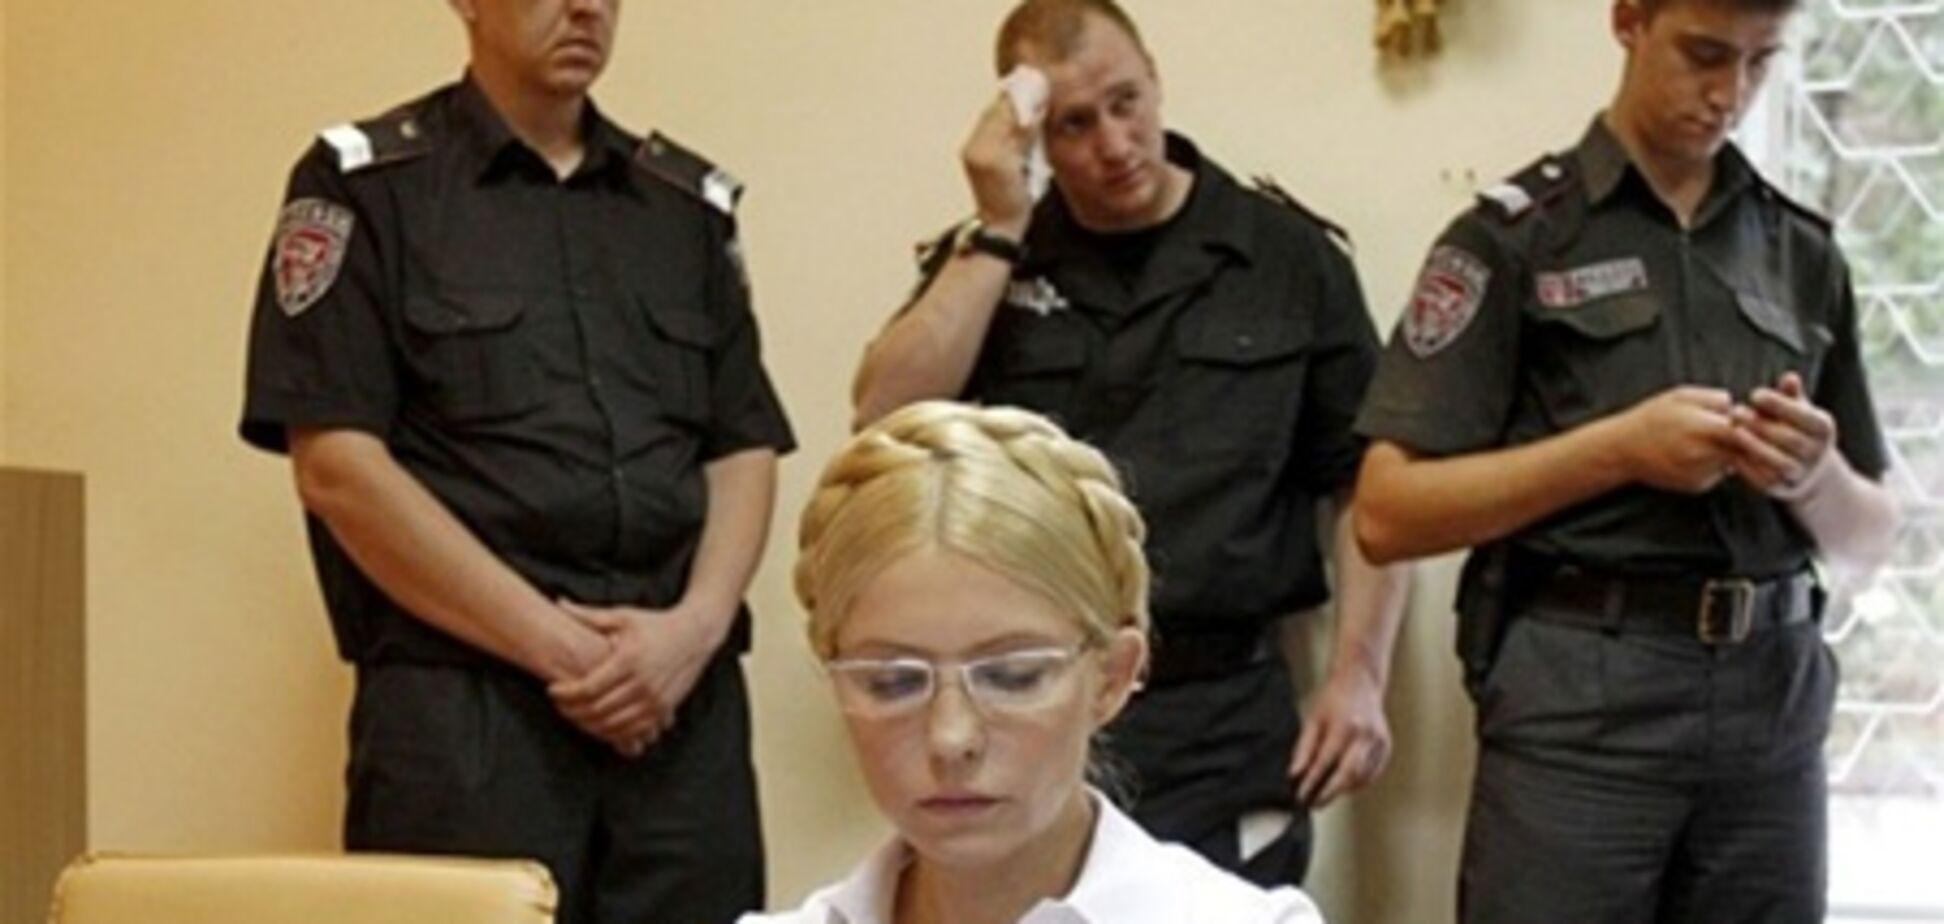 Тимошенко відключила мікрофон, щоб її не почув суд